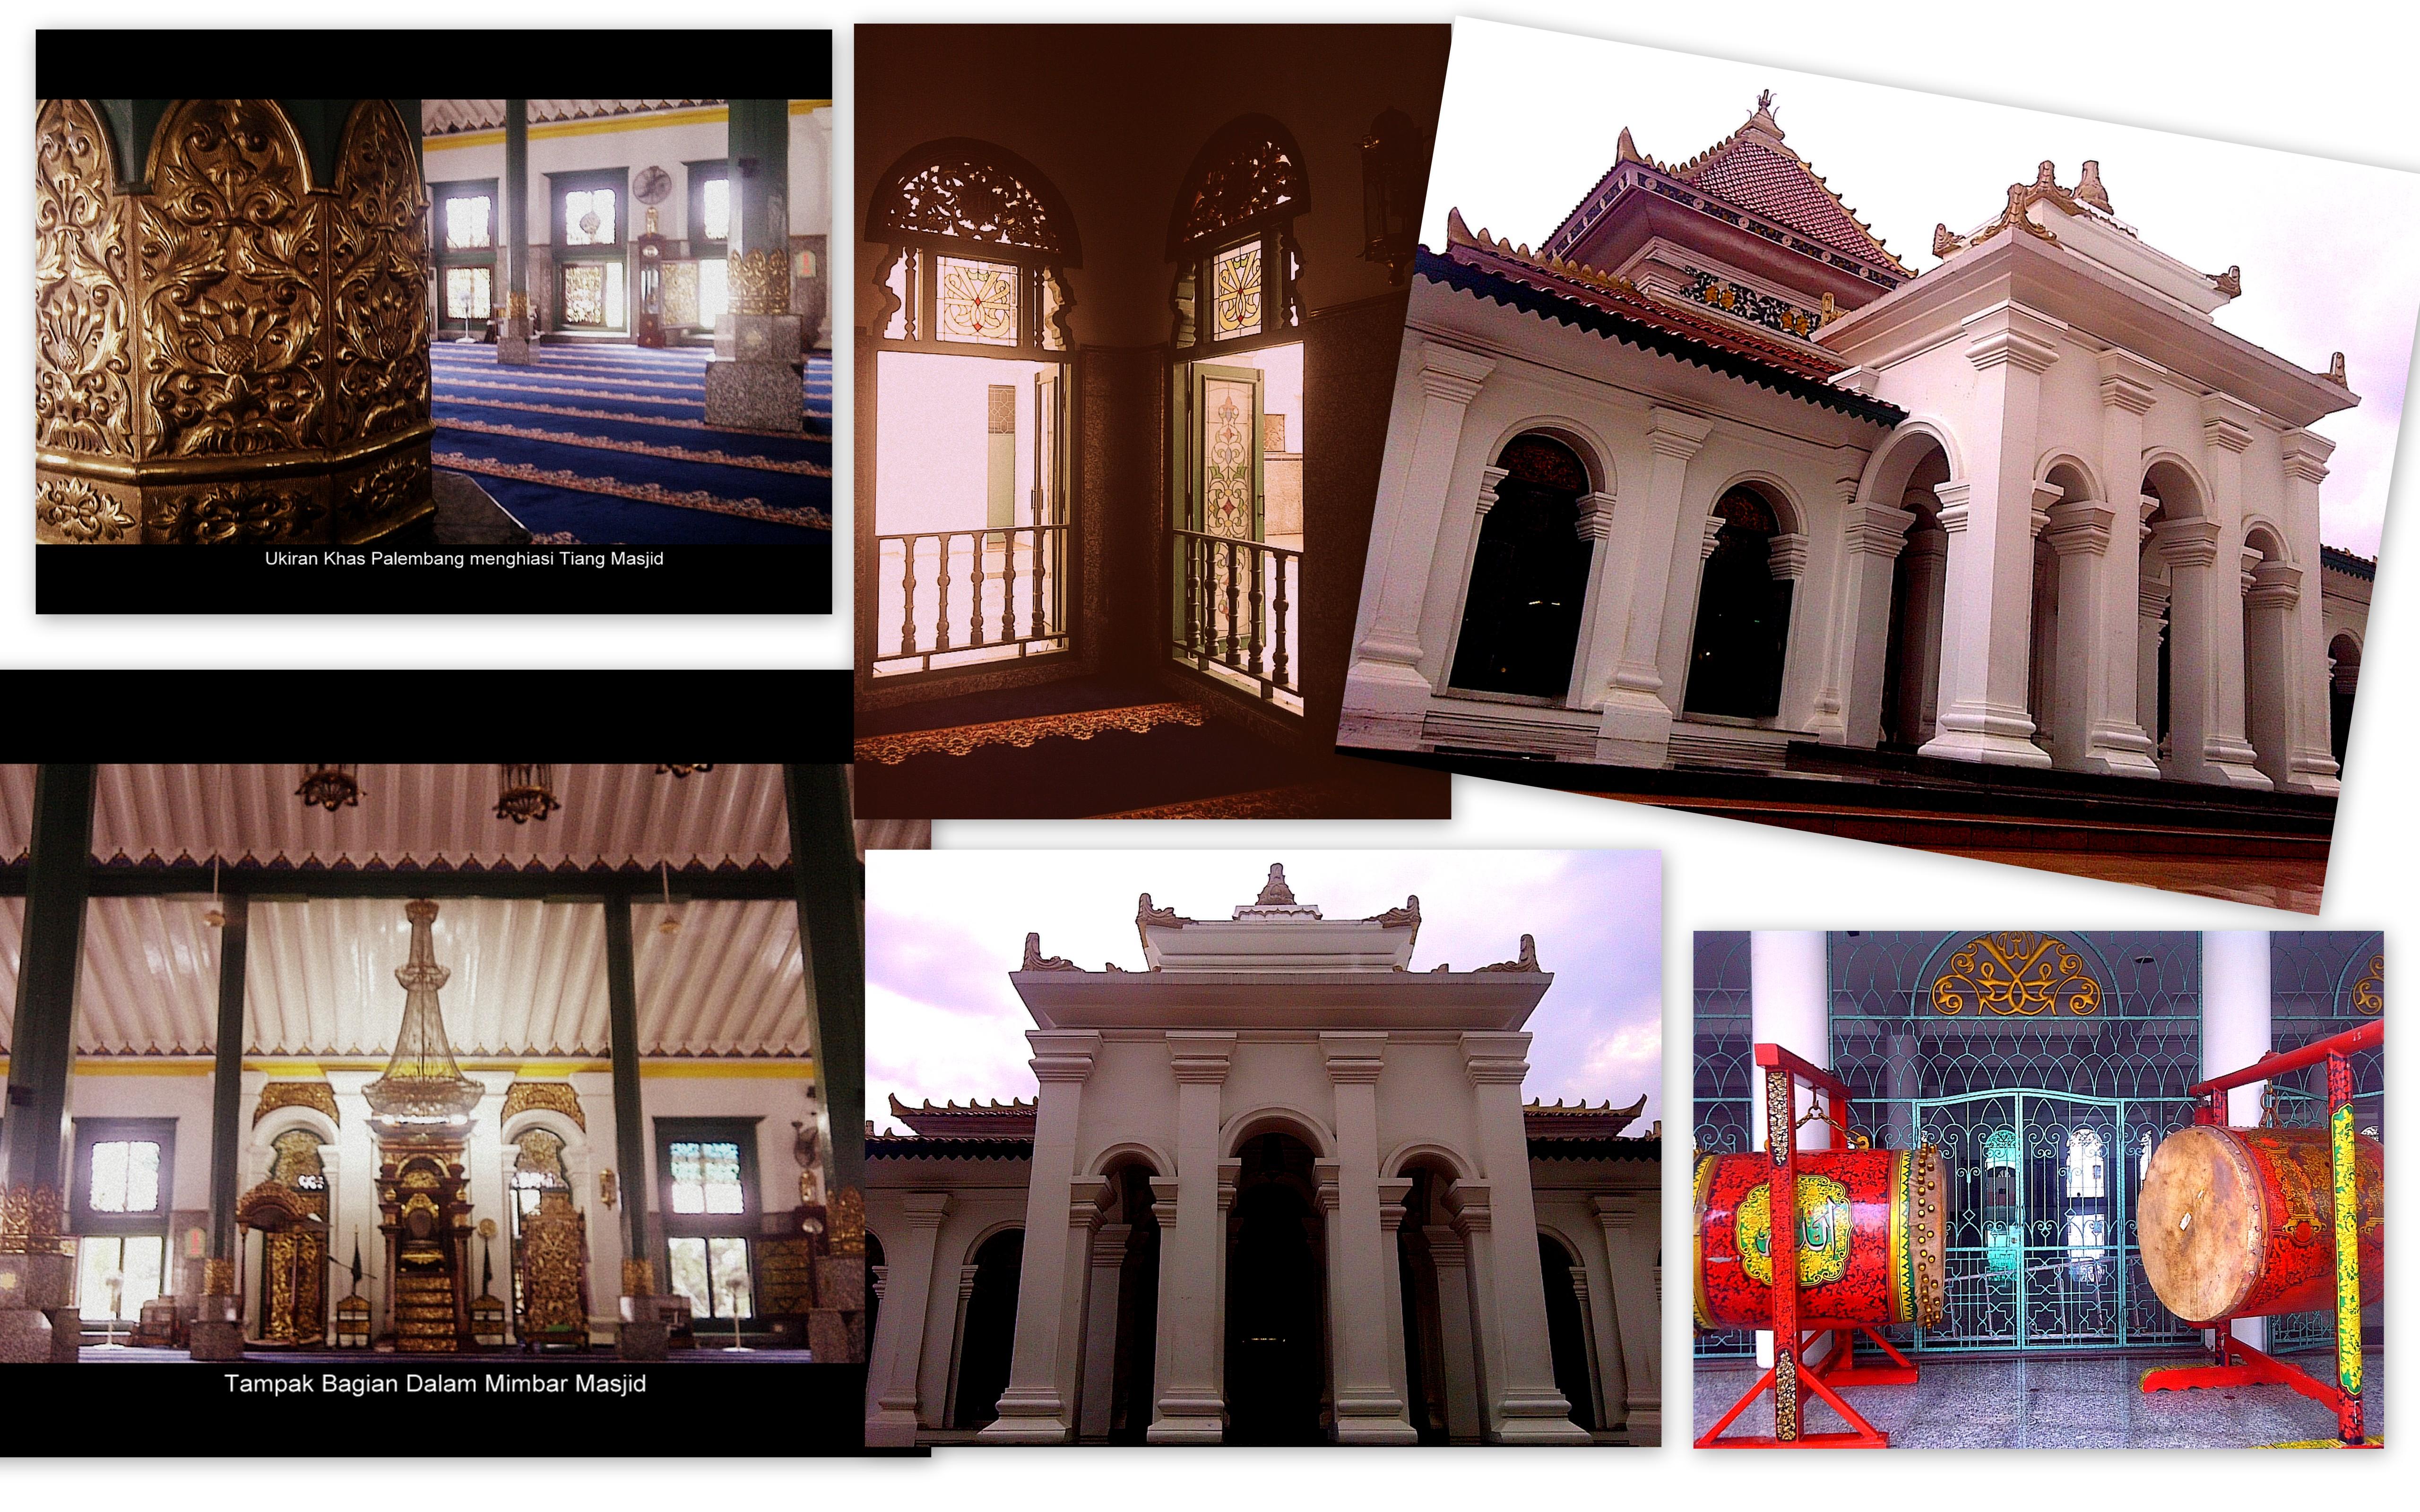 Masjid Agung Sultan Mahmud Badaruddin Ii Palembang Catatan Asril Gue